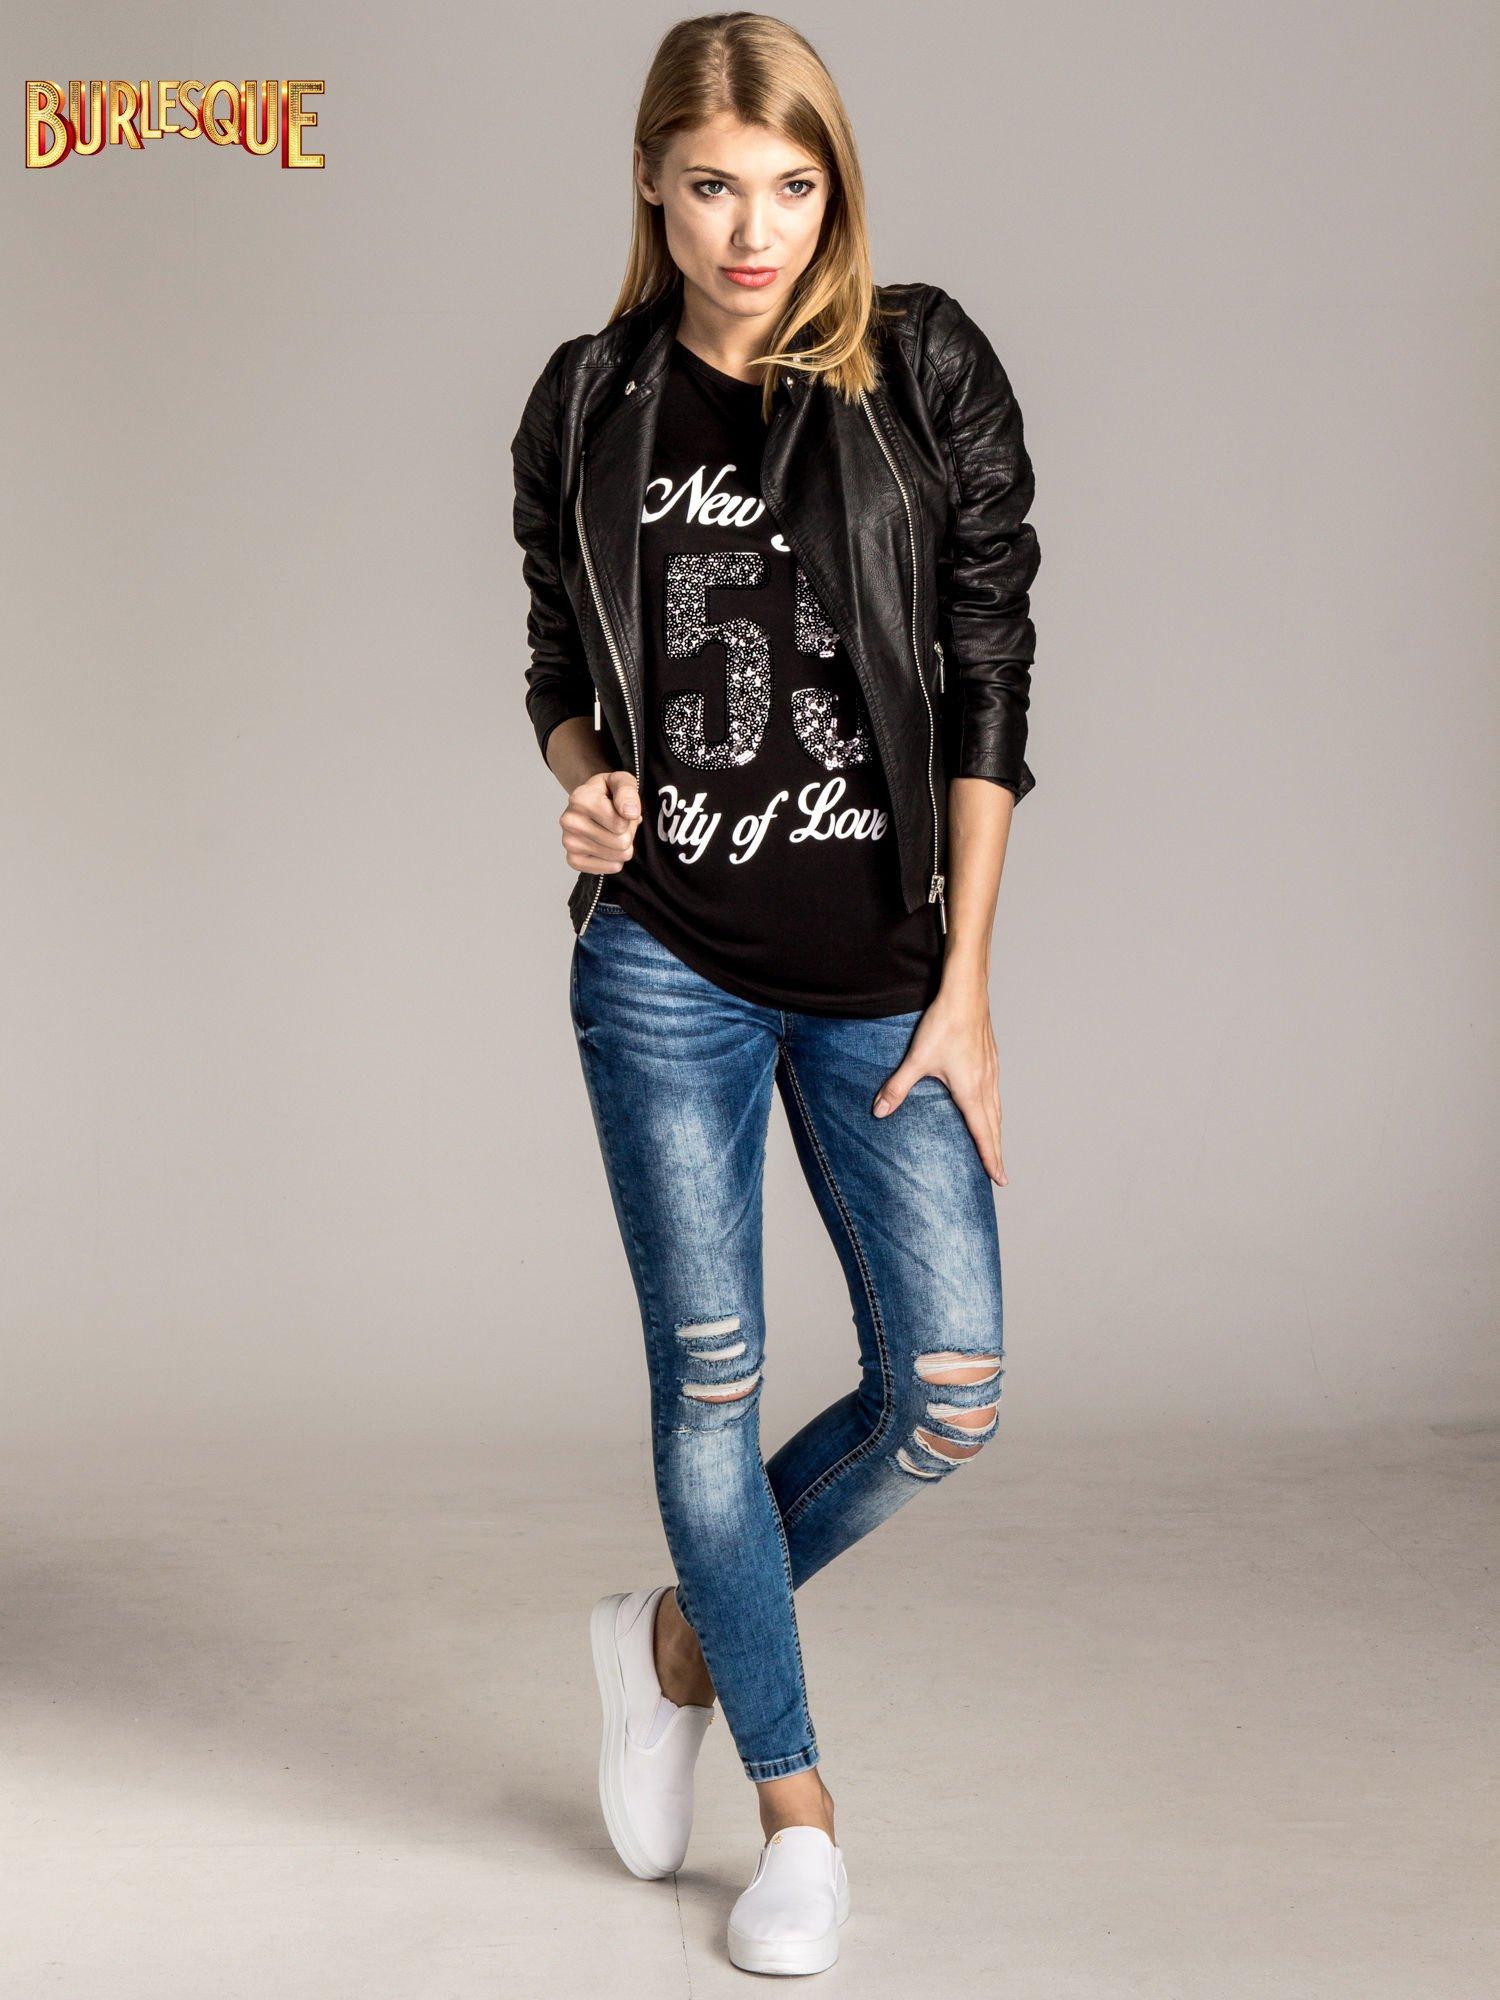 Czarny t-shirt z nadrukiem NEW YORK 55 i siatkowymi rękawami                                  zdj.                                  5